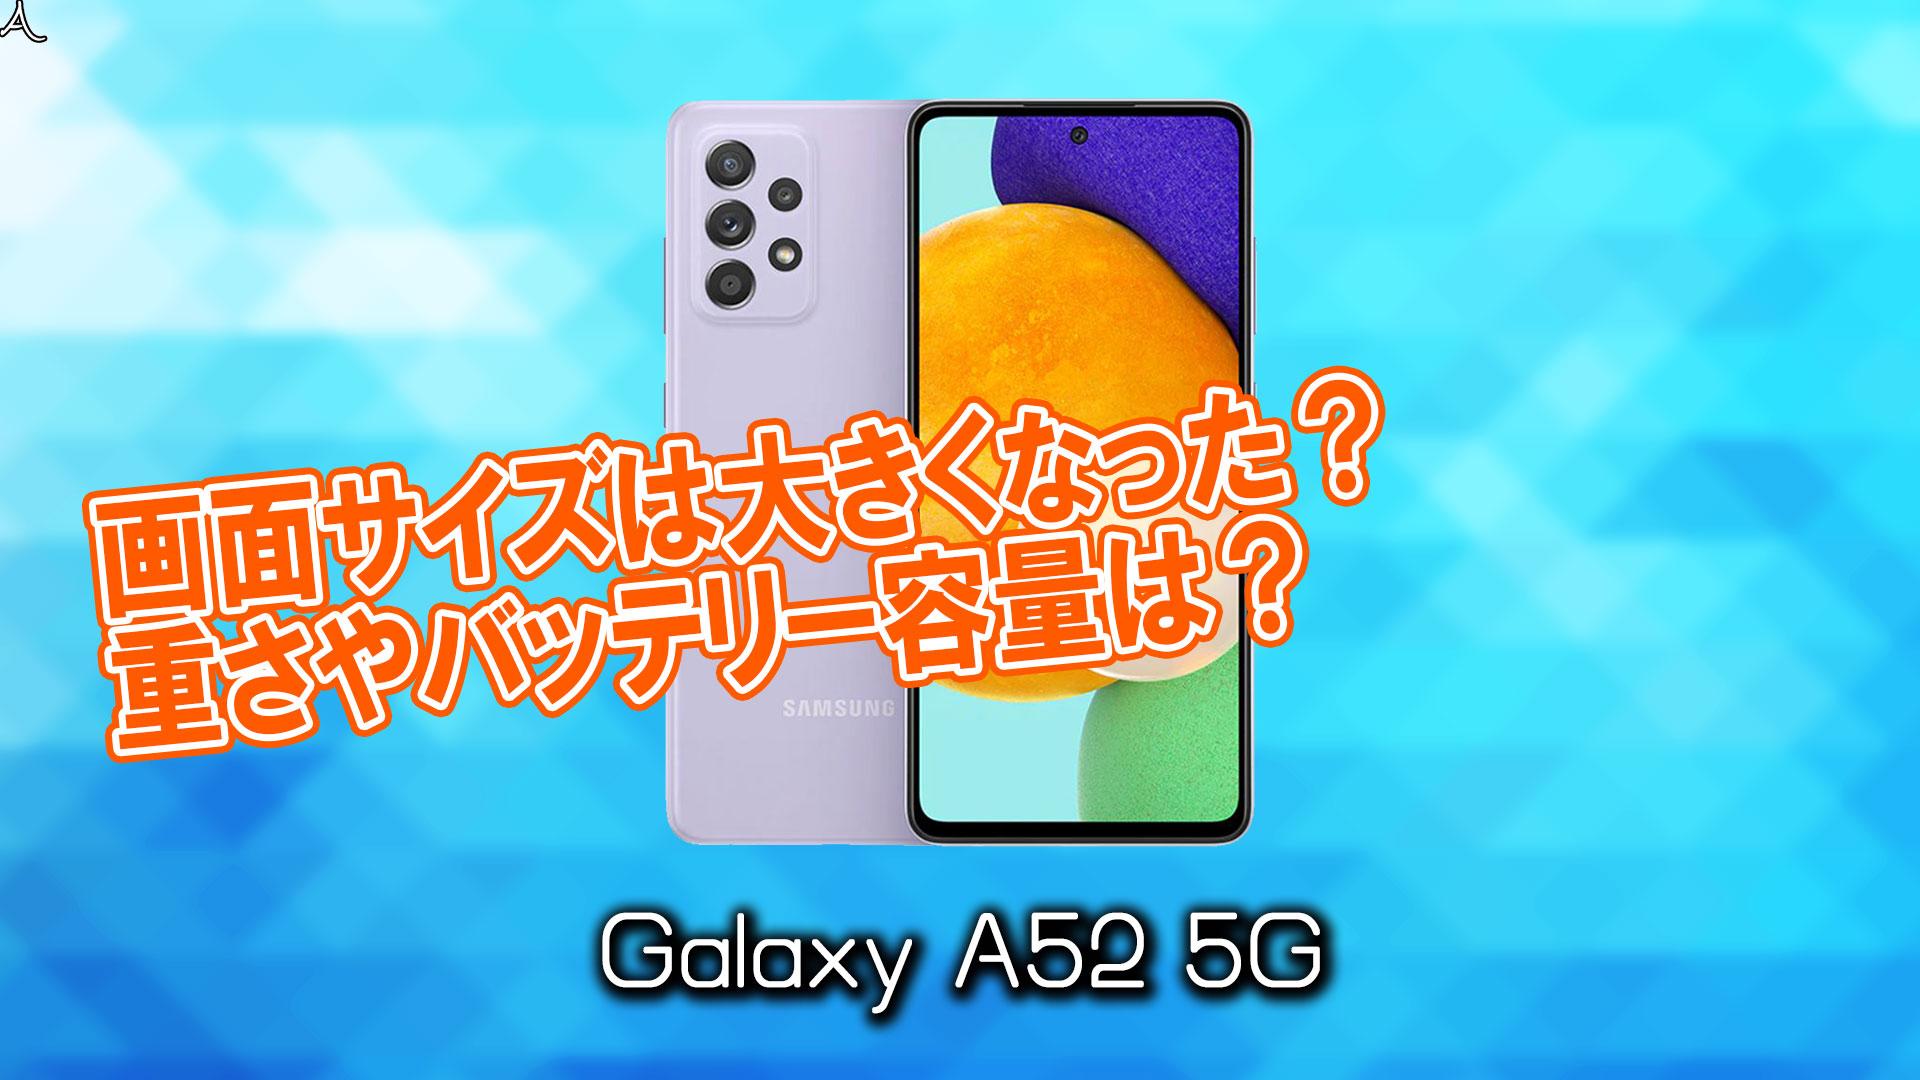 「Galaxy A52 5G」のサイズや重さを他のスマホと細かく比較